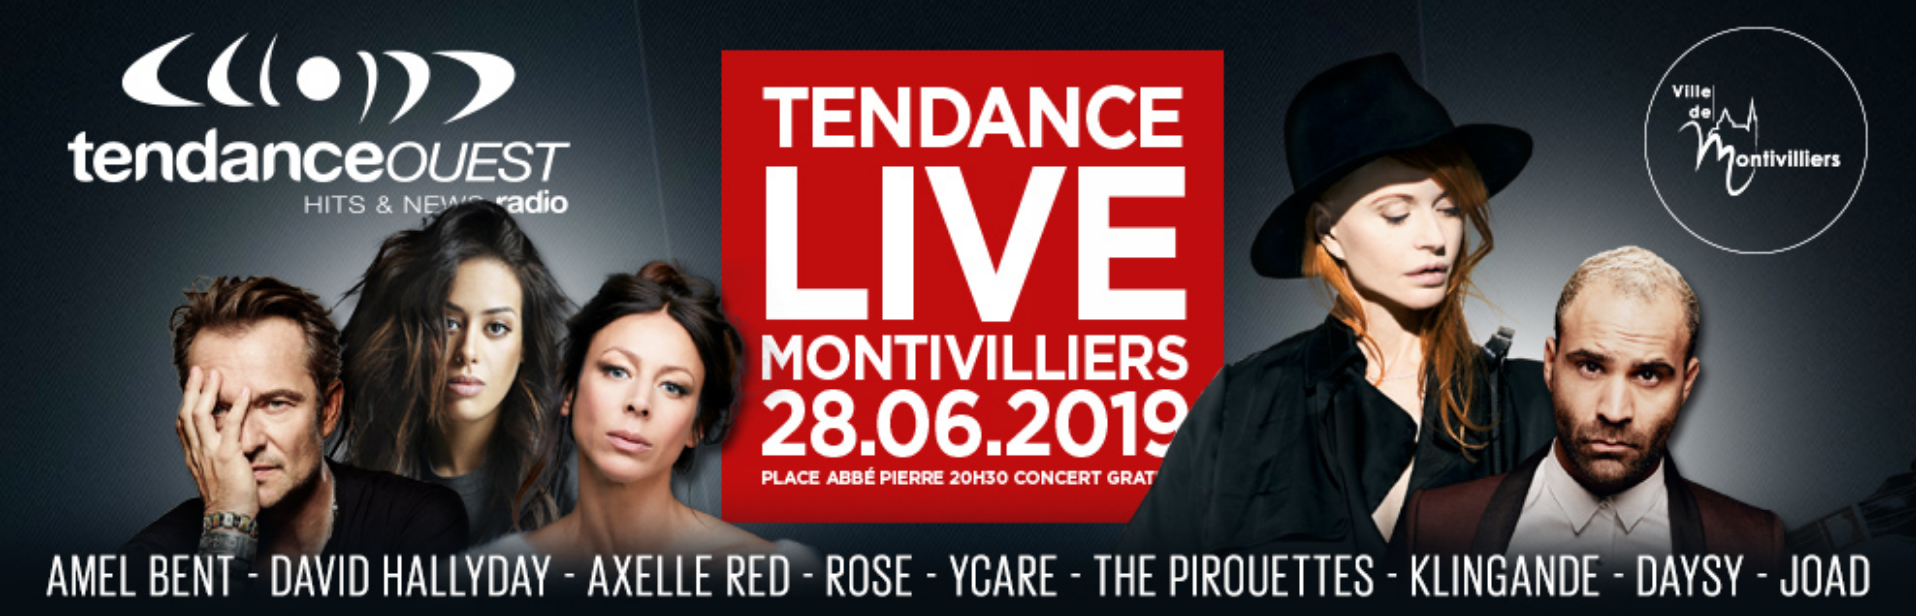 """Tendance Ouest : un """"Tendance Live"""" à Montivilliers"""